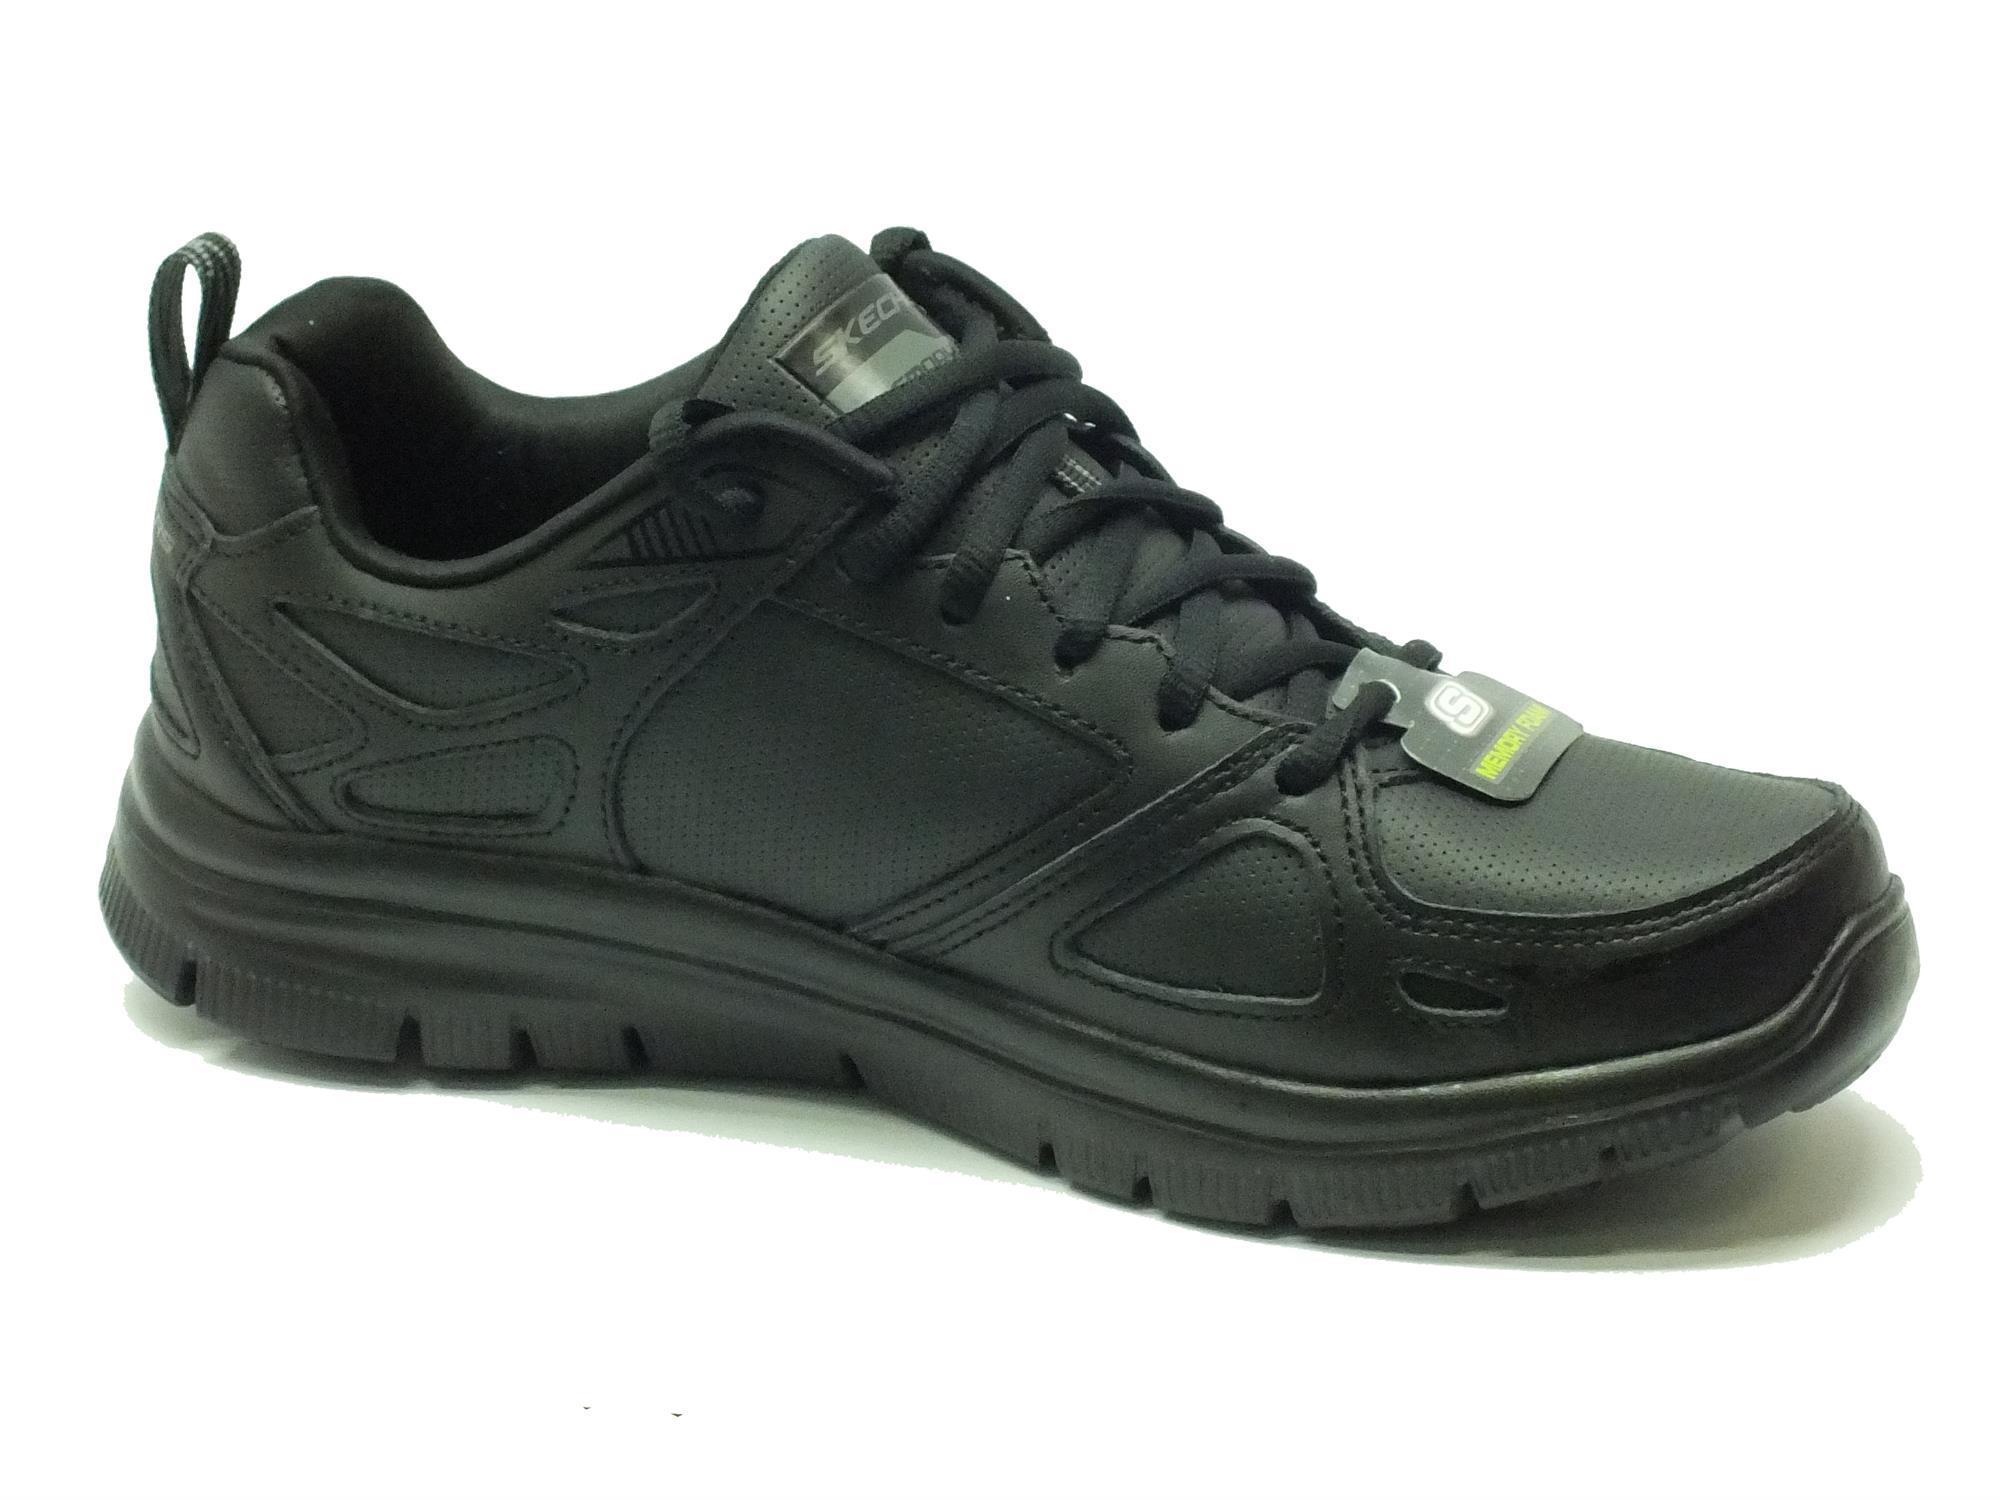 ... Scarpe Skechers Sport per uomo in pelle e sintetico nero con memory foam  ... 2c61e8a508c